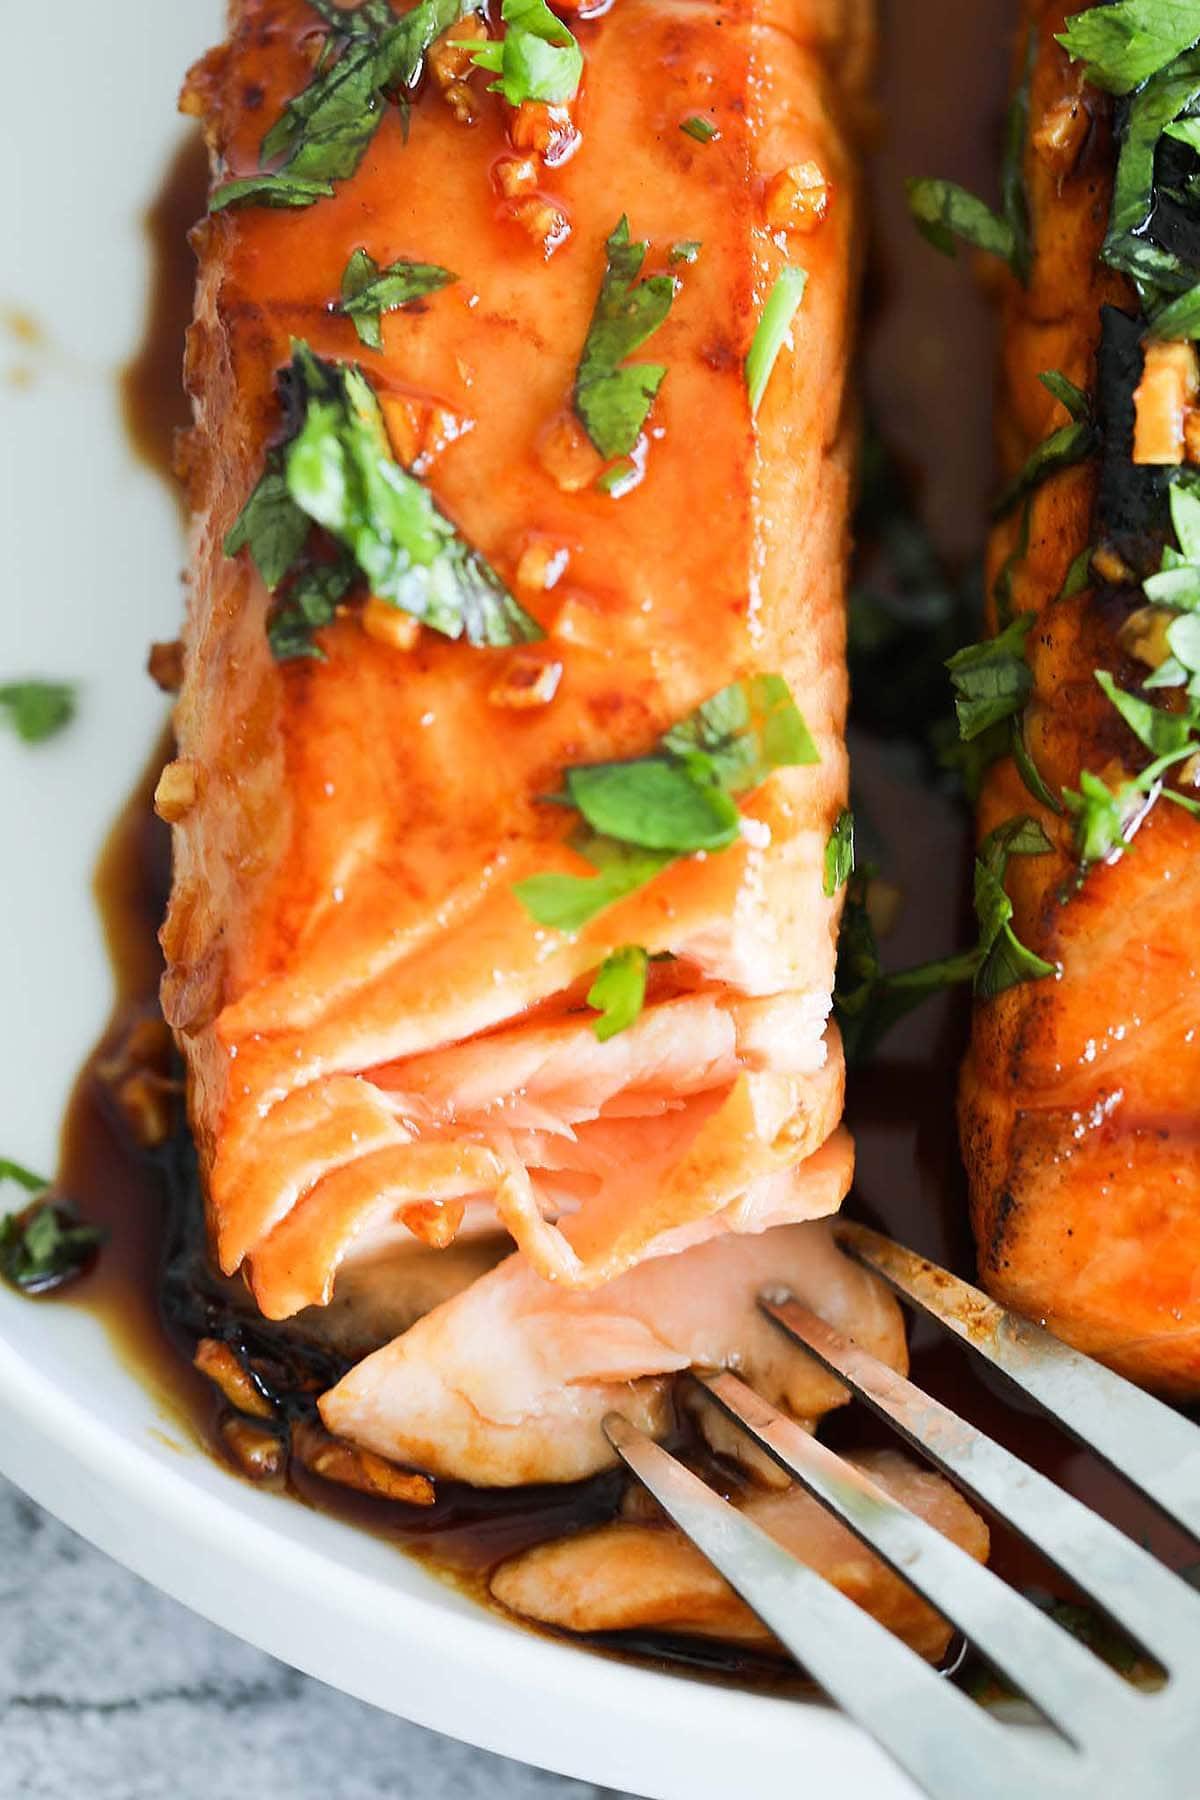 Recette de glaçage au saumon sur recette de saumon glacé au miel.